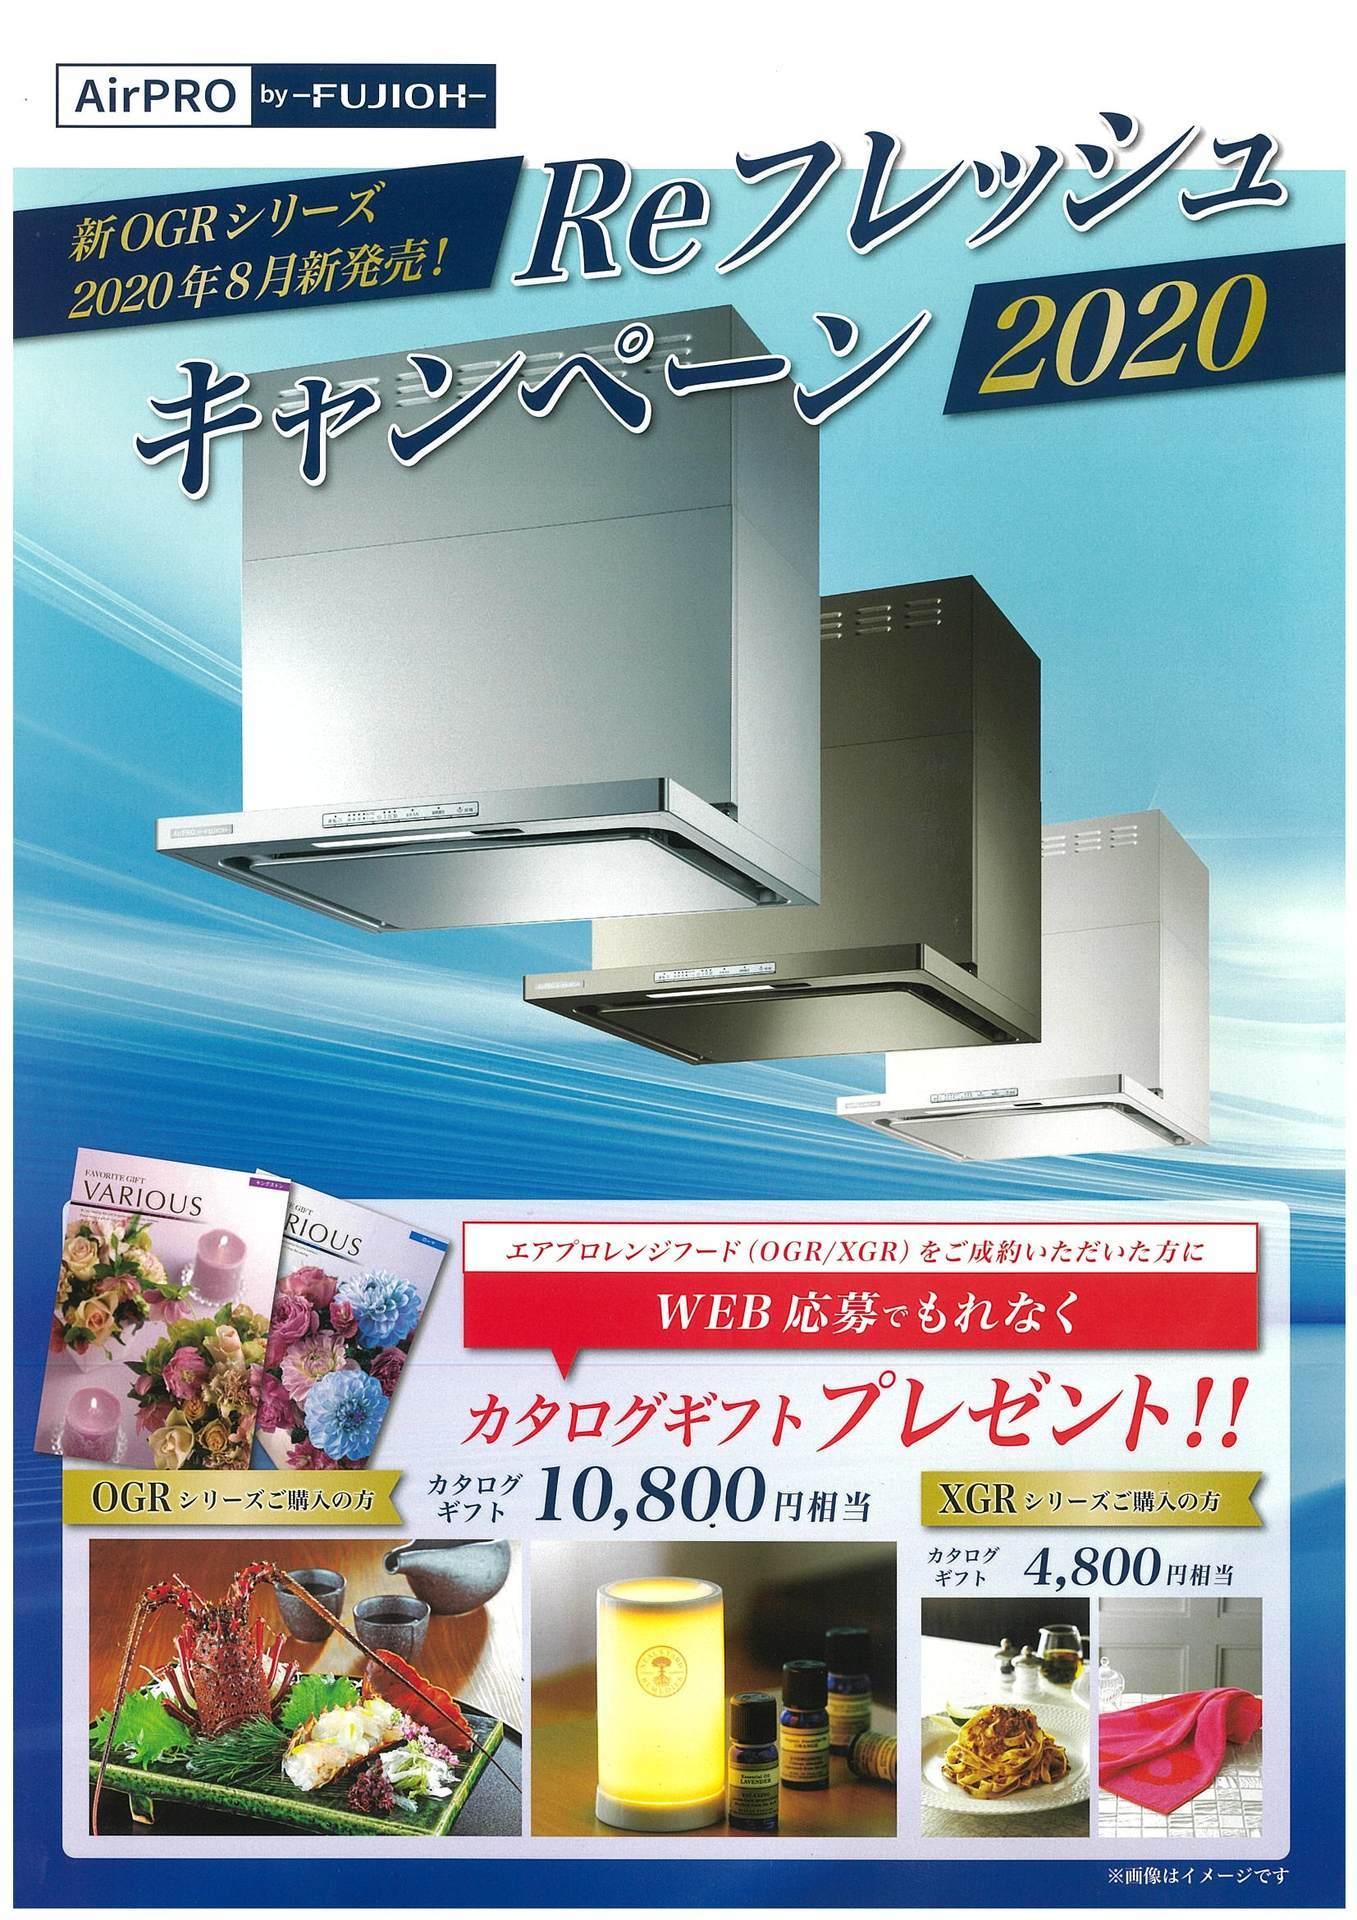 Reフレッシュキャンペーン実施中!レンジフード『AirPRO』シリーズ!!